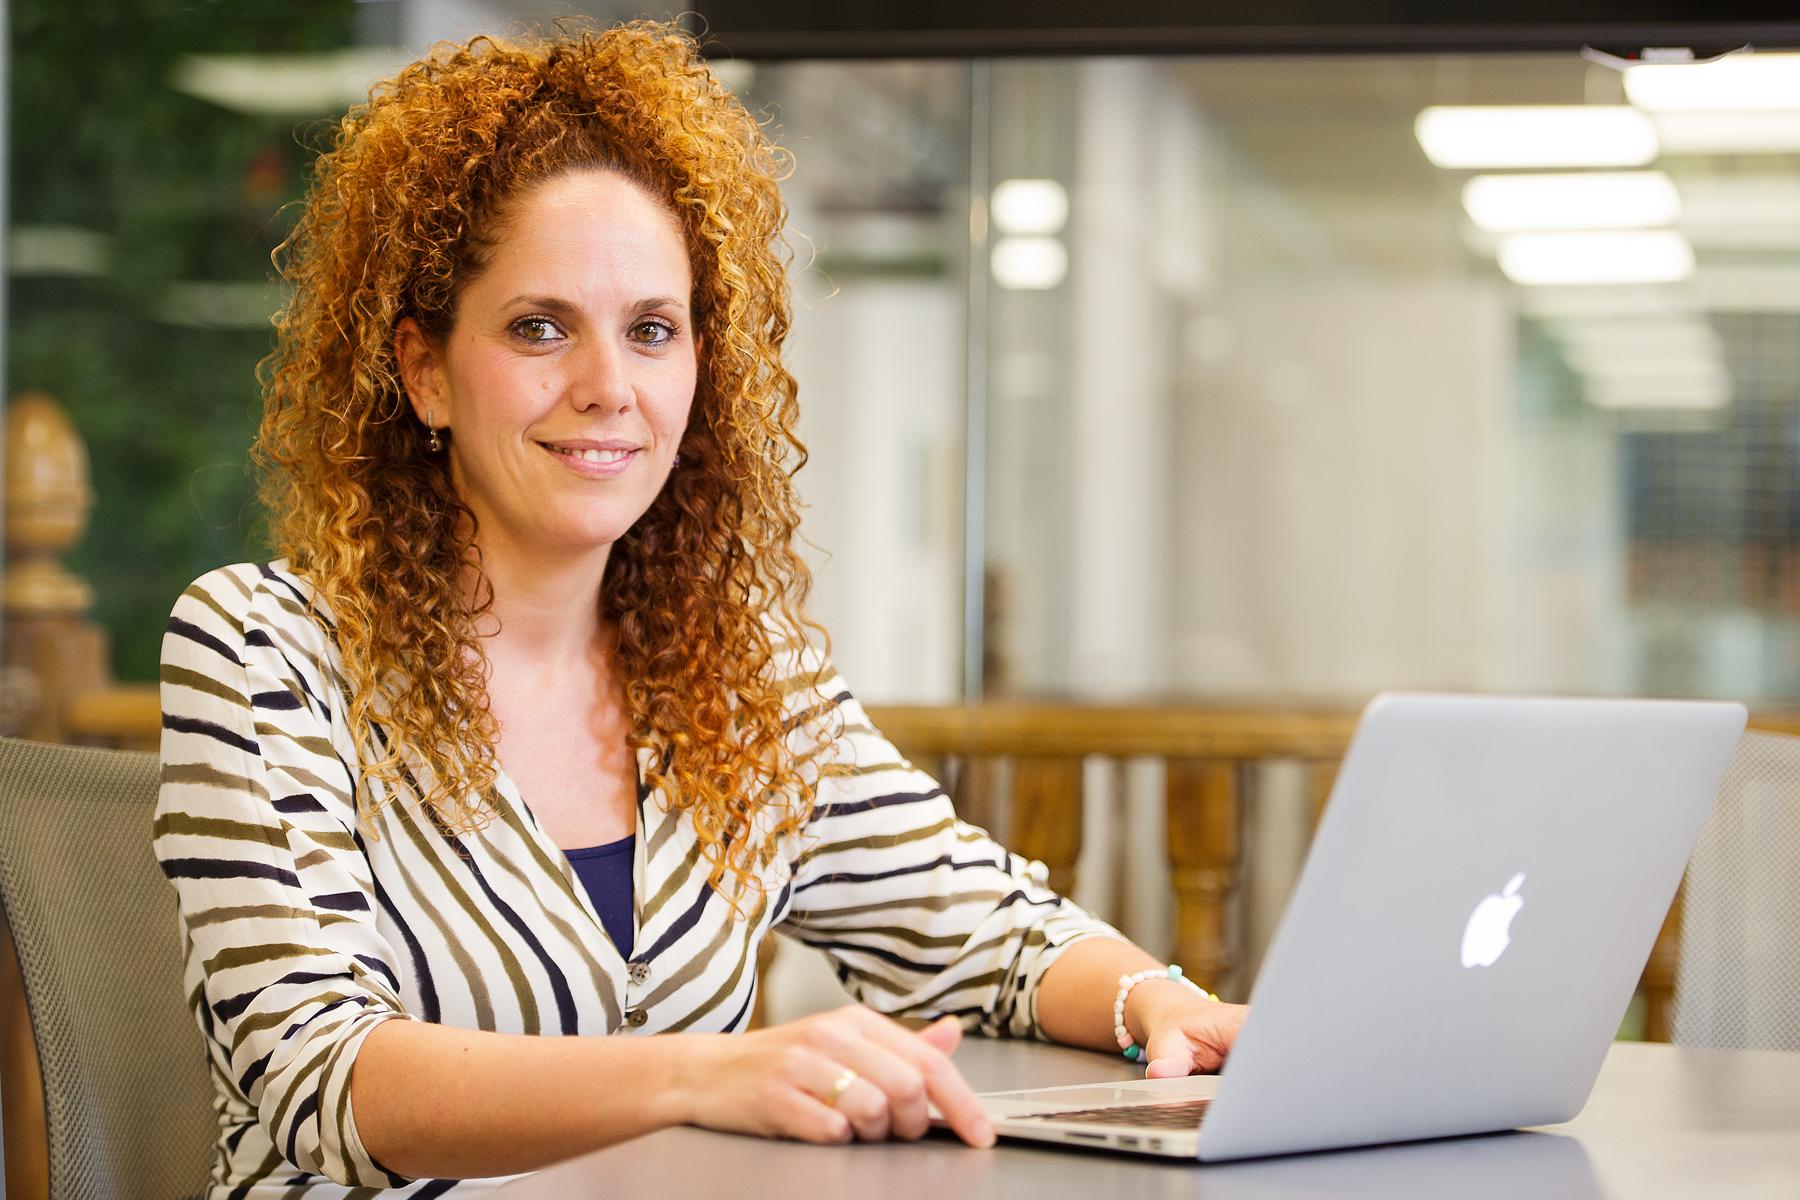 Entrevista con Tania Grande, psicóloga y CEO de TUUP